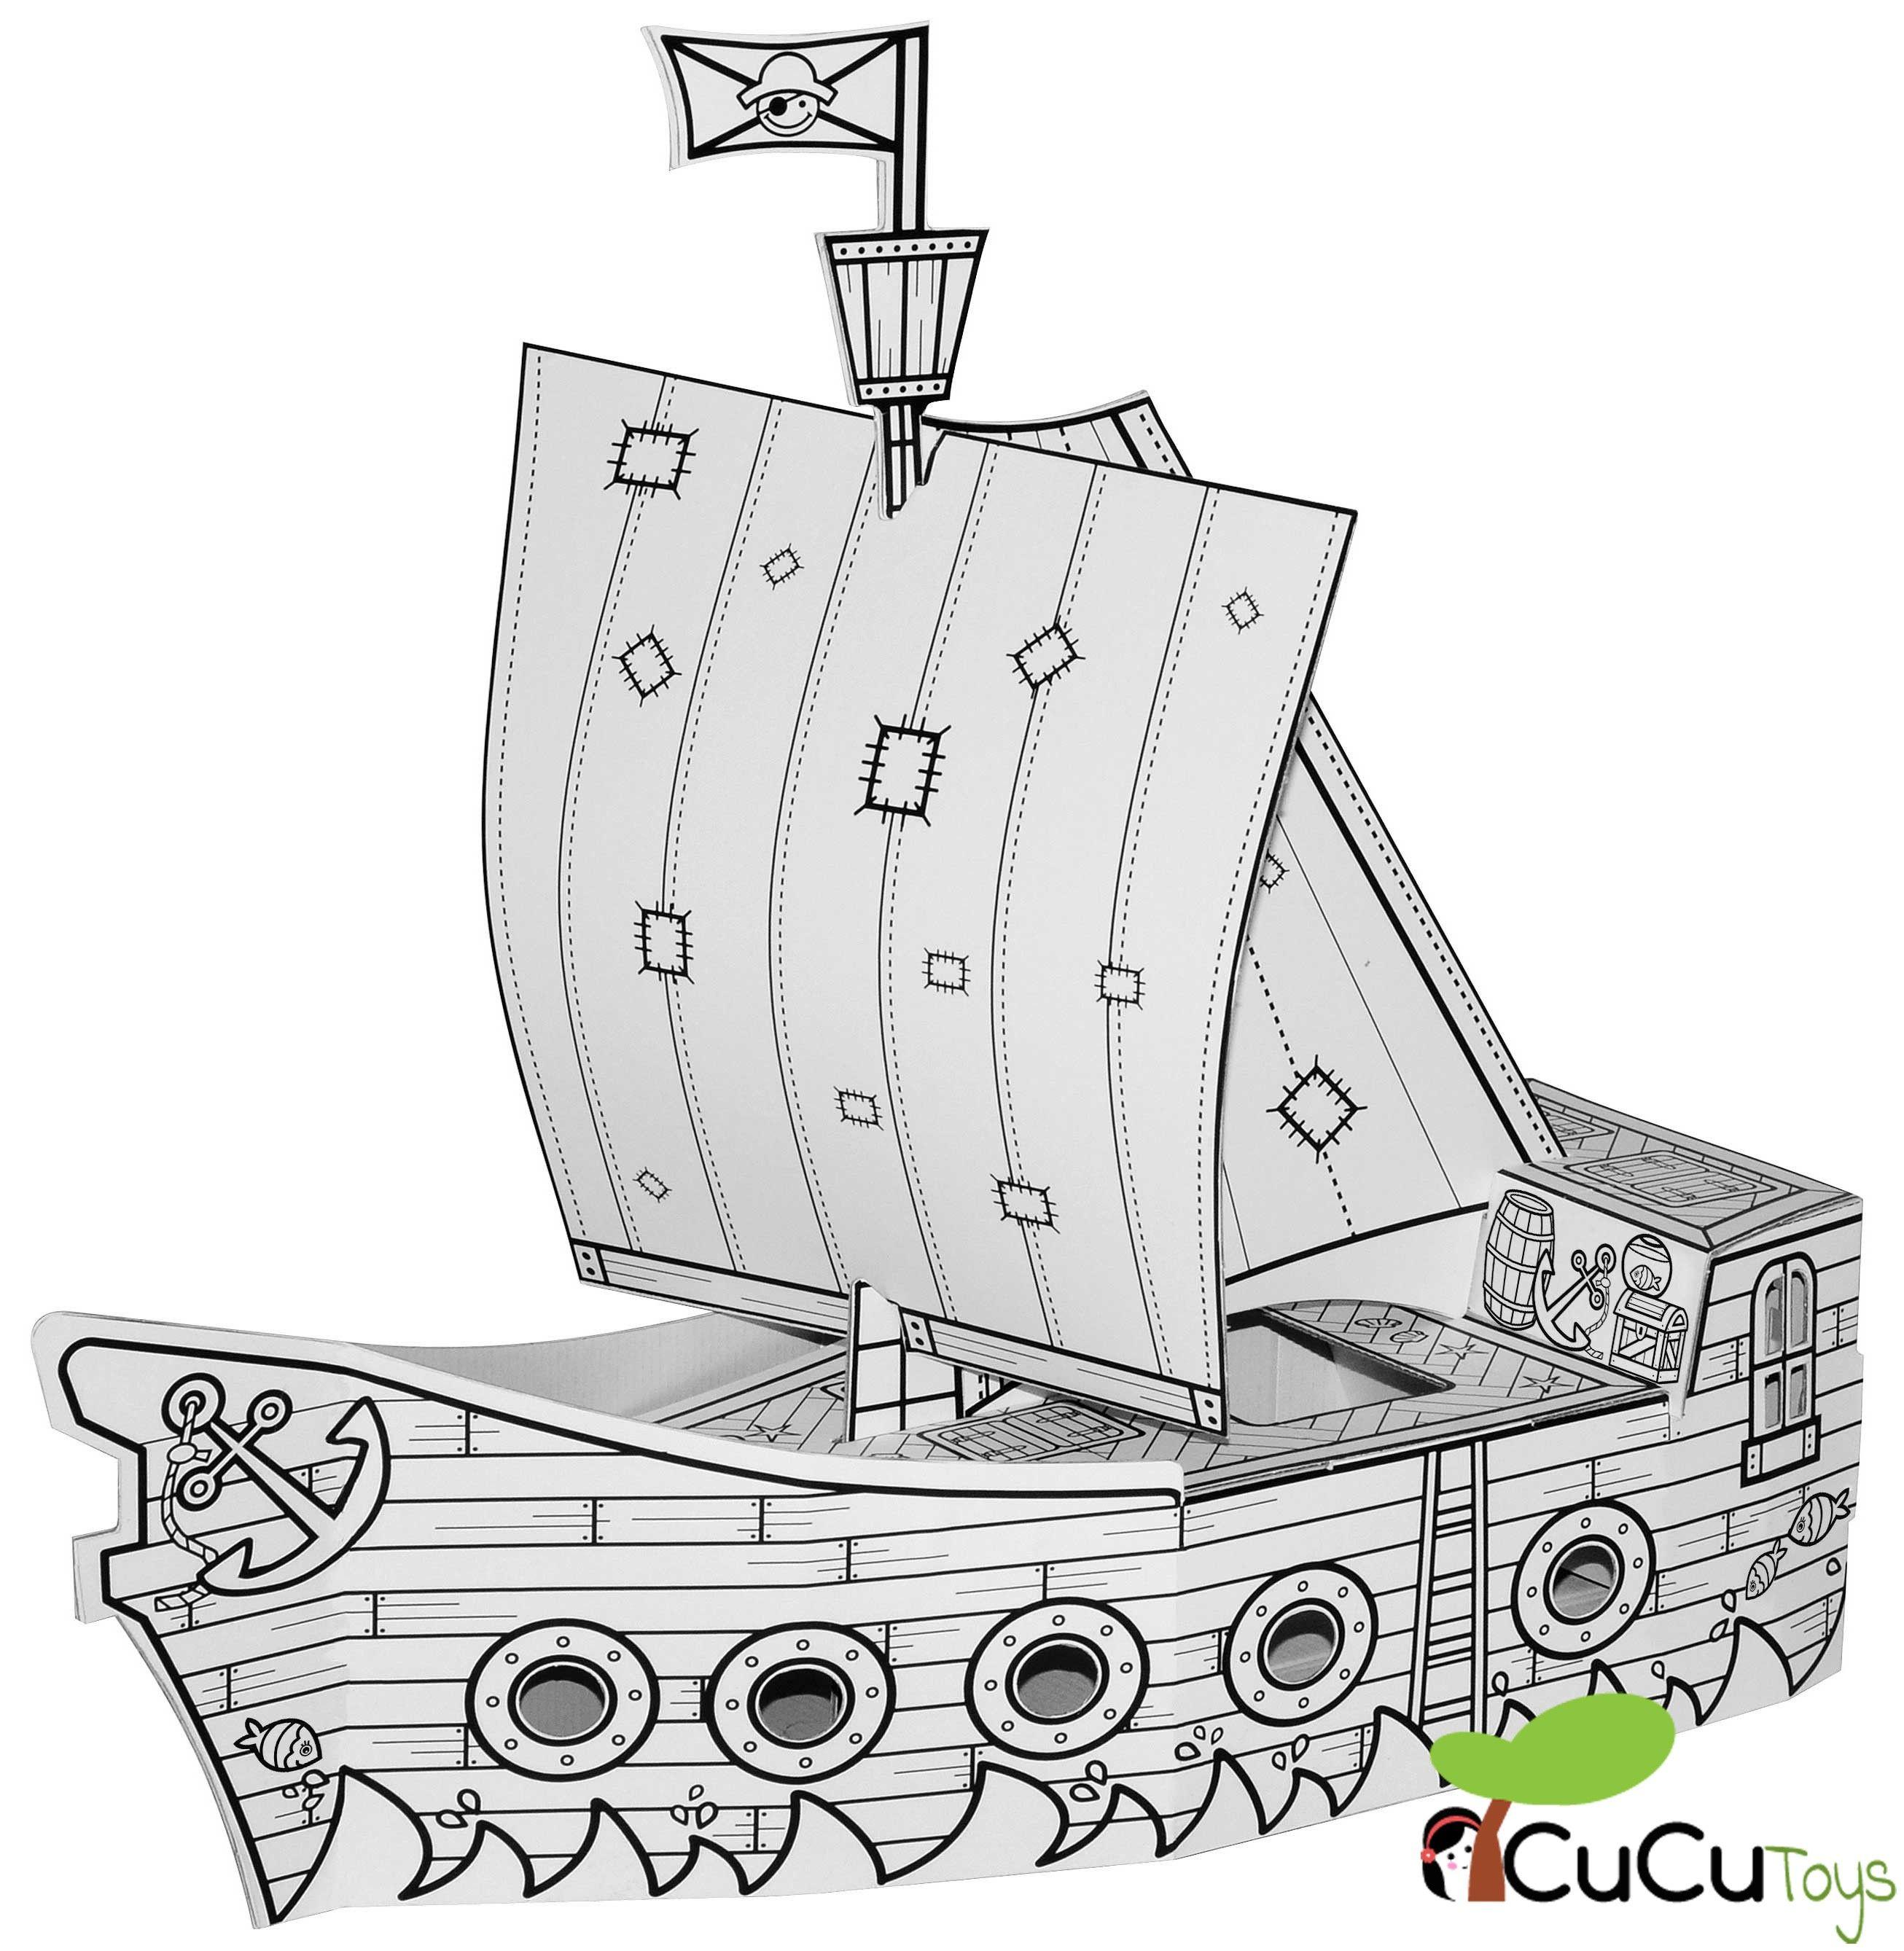 Cartón RecicladoCisne De Barco PirataJuguete Villa TlKJ5uFc31